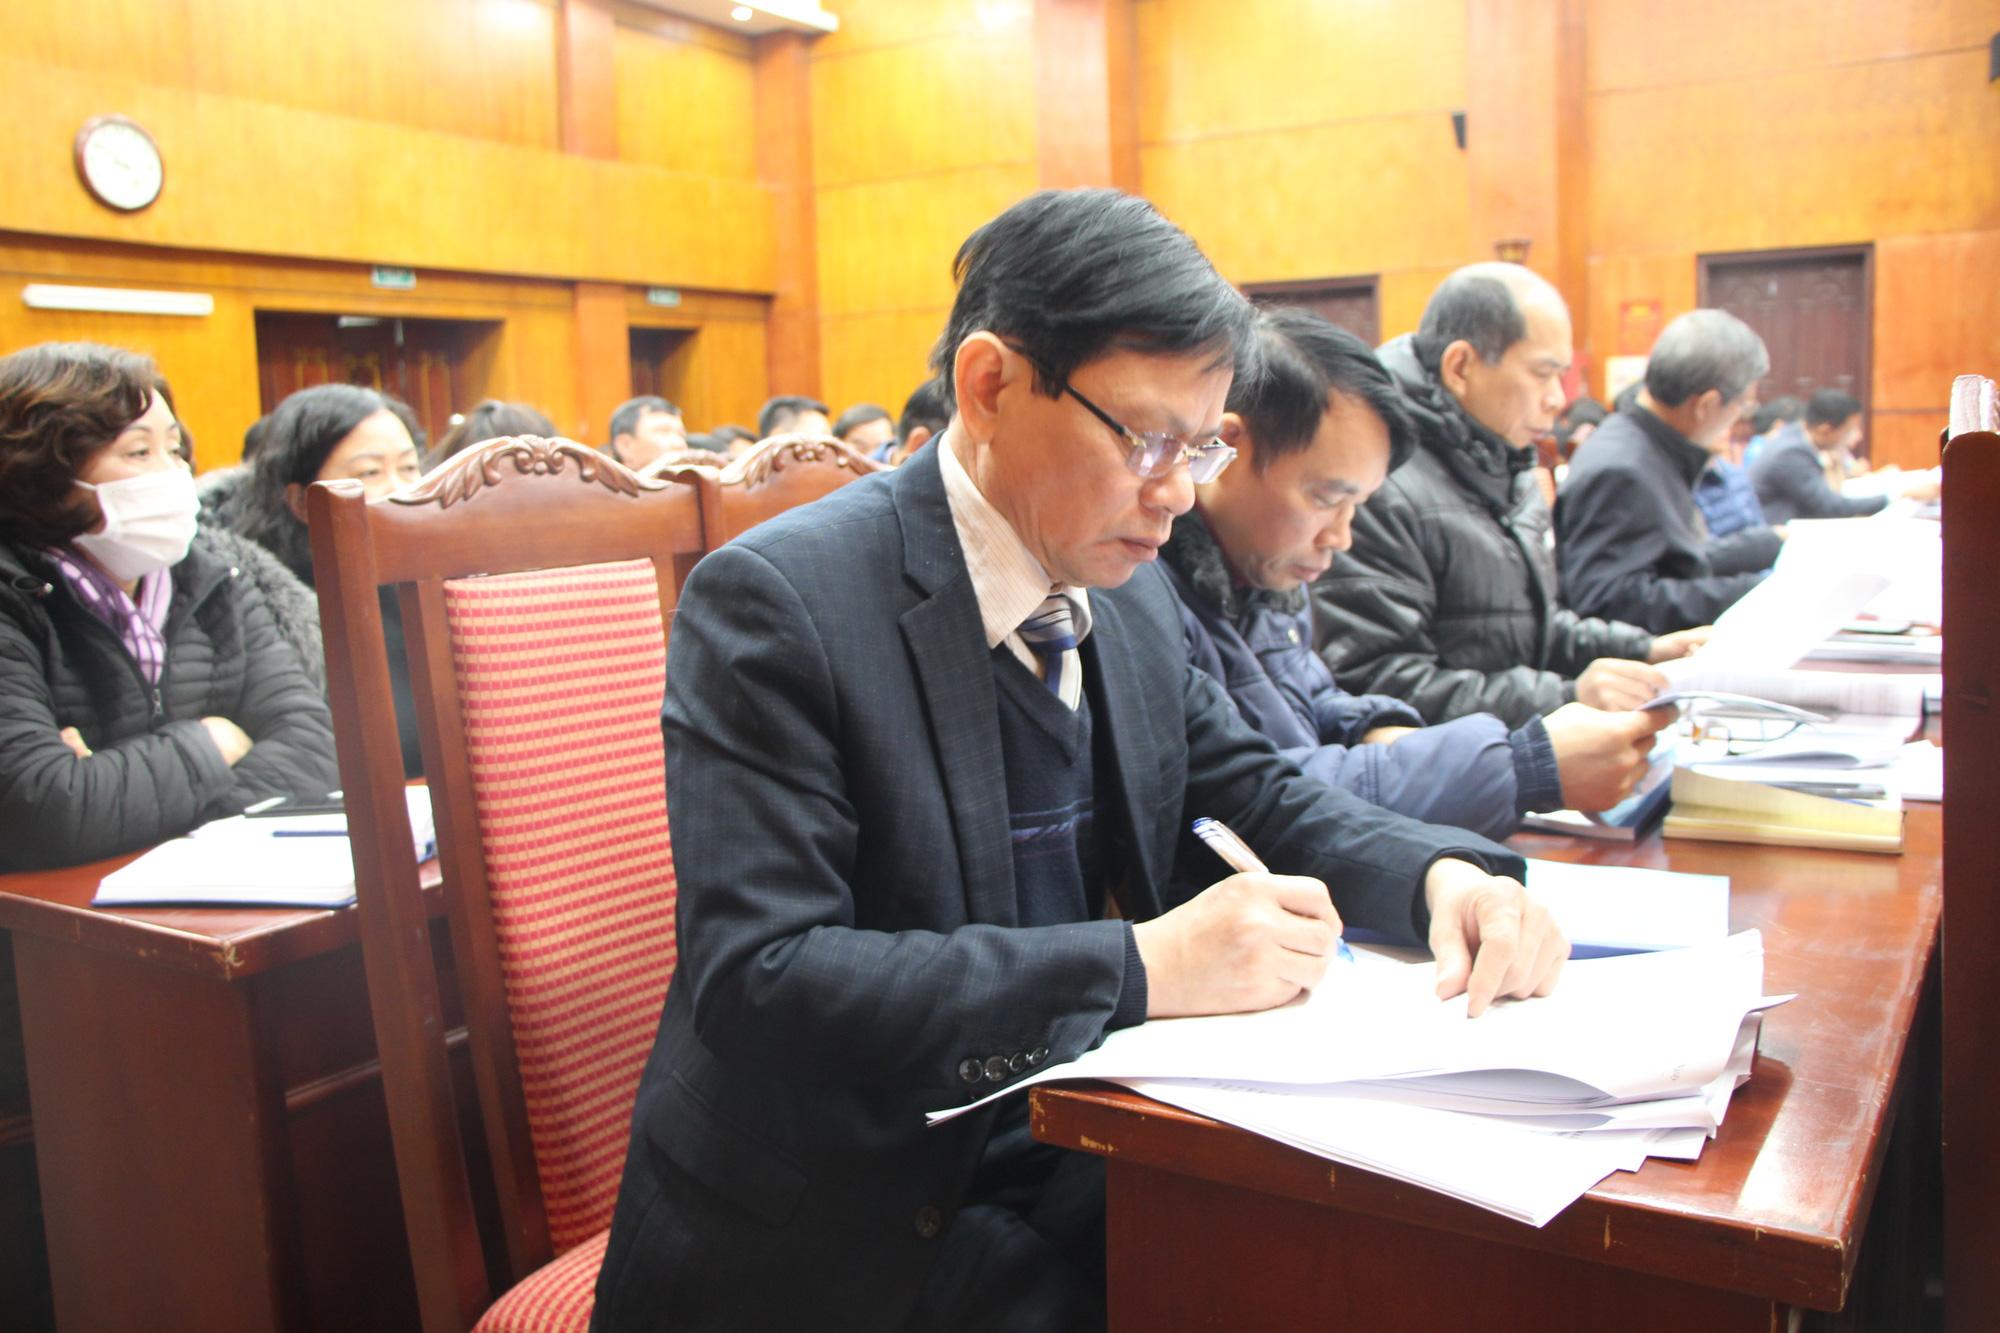 """Chủ tịch Hội NDVN Thào Xuân Sùng: Thay đổi tư duy sản xuất nông nghiệp, thúc đẩy mối liên kết """"6 nhà"""" - Ảnh 4."""